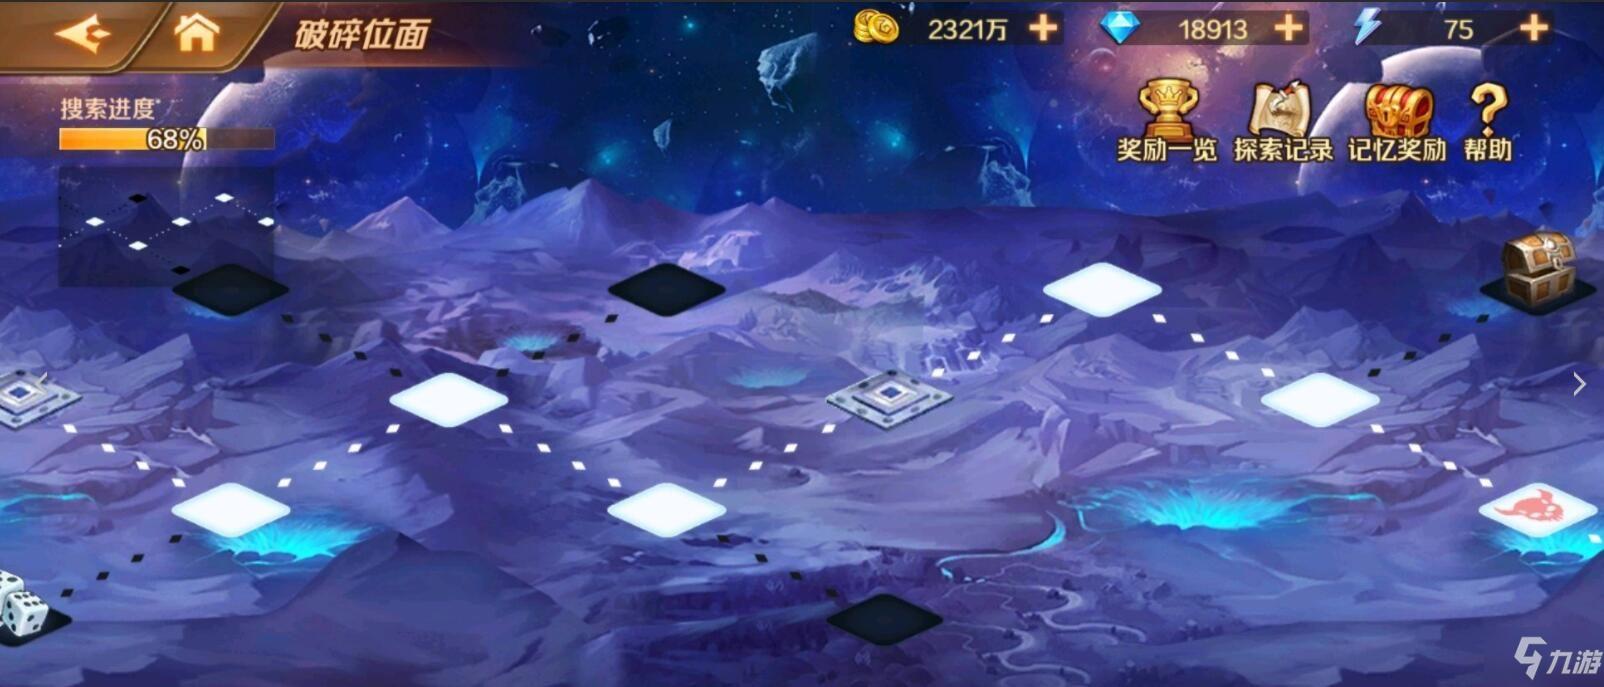 新斗罗大陆破碎位面通关方法,破碎位面通关玩法攻略!